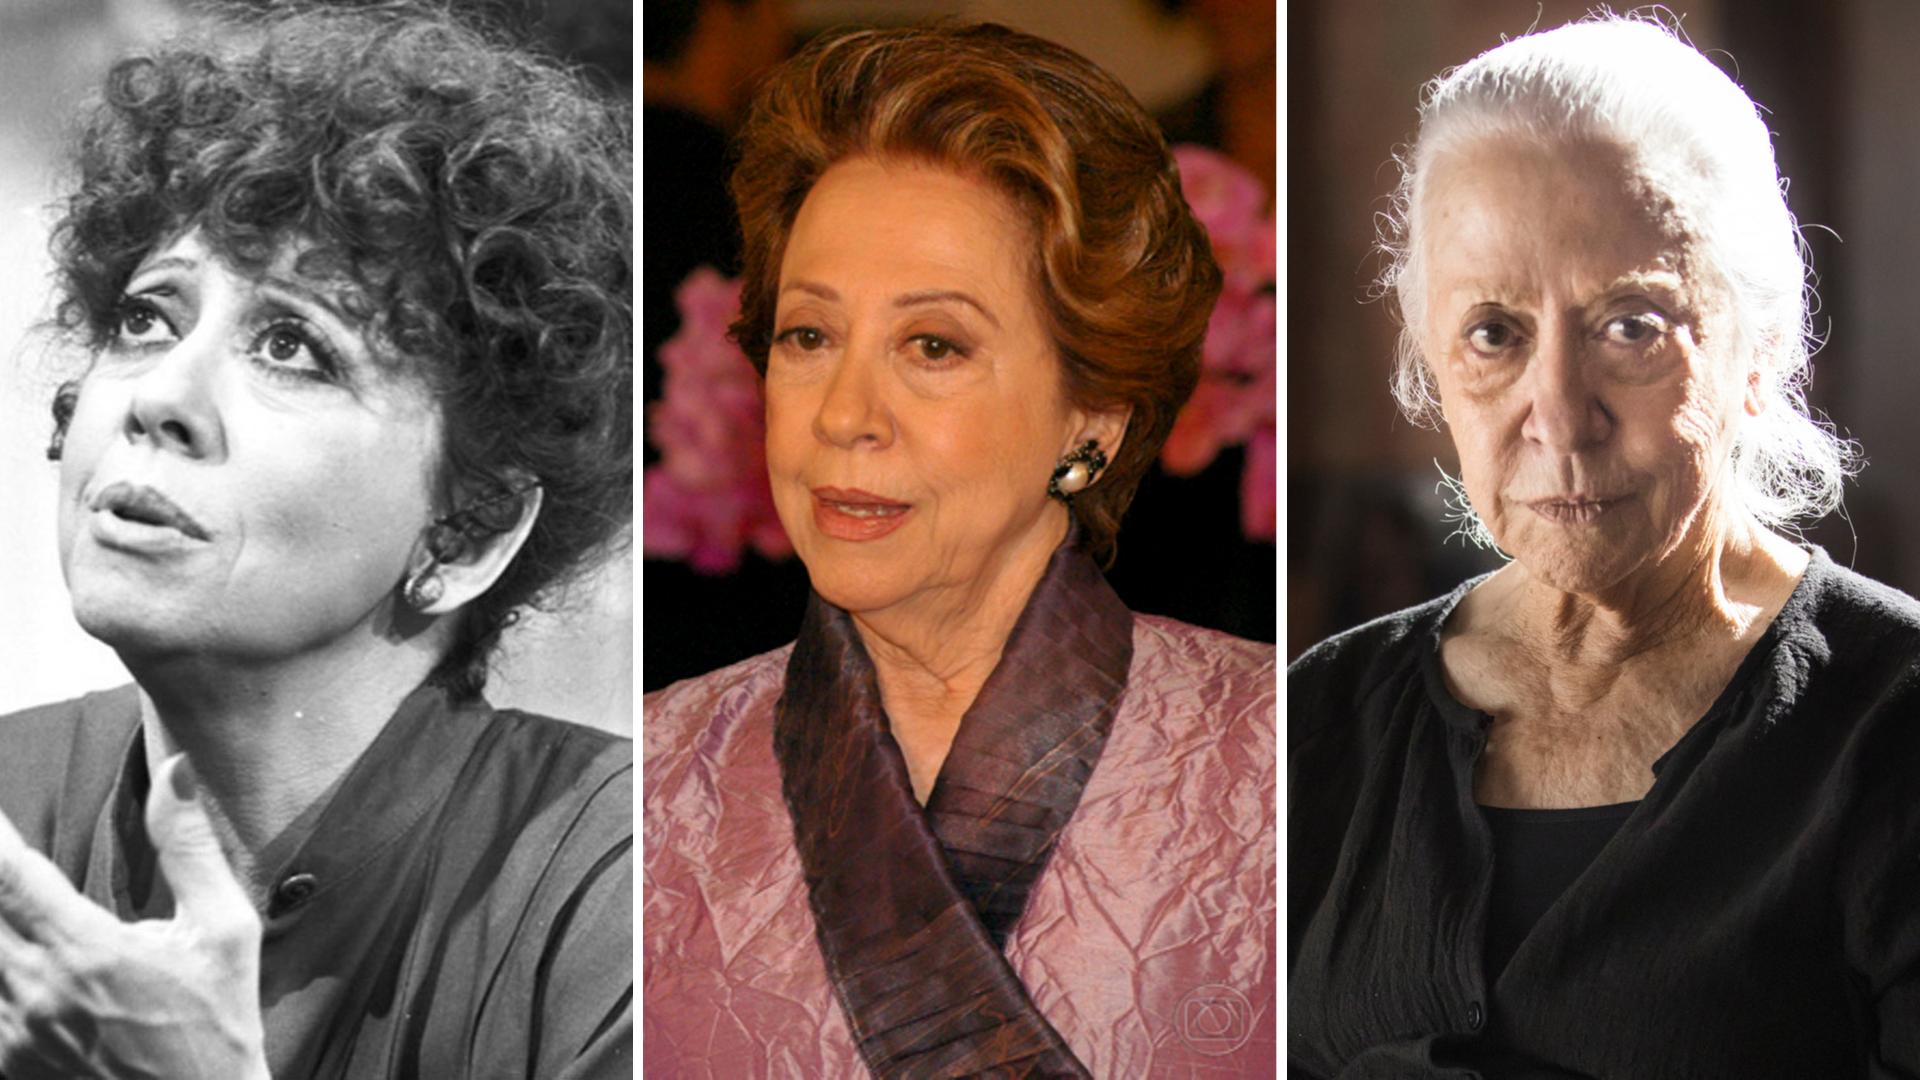 De 1981 até 2019, Fernanda Montenegro já fez mais de 20 novelas. Alguns papéis ficaram tão populares que ainda são relembrados até hoje.